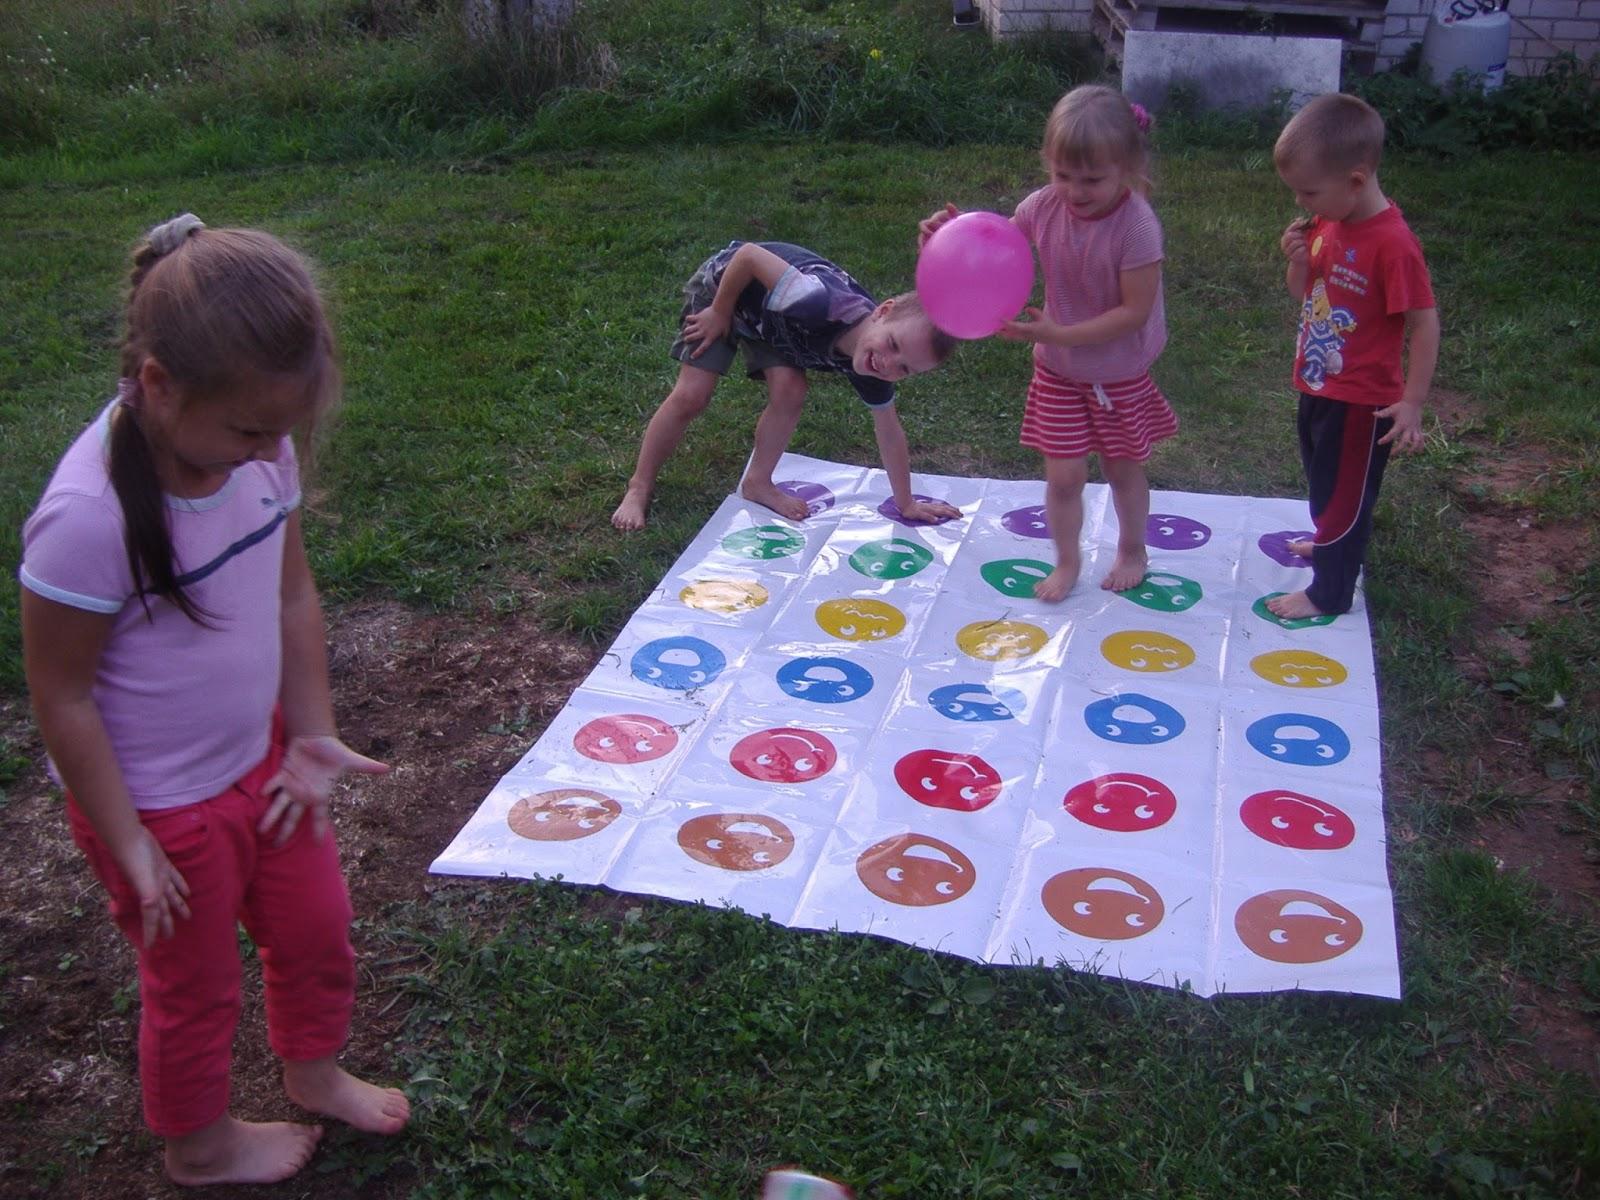 982eea46deb Sünnipäev möödus väga lõbusalt. Kaspar ja Keiry tõid Twisteri mängu ja kõik  said korralikult venitatud. Lastel oli lausa tegemist, et nemad ka mängida  ...